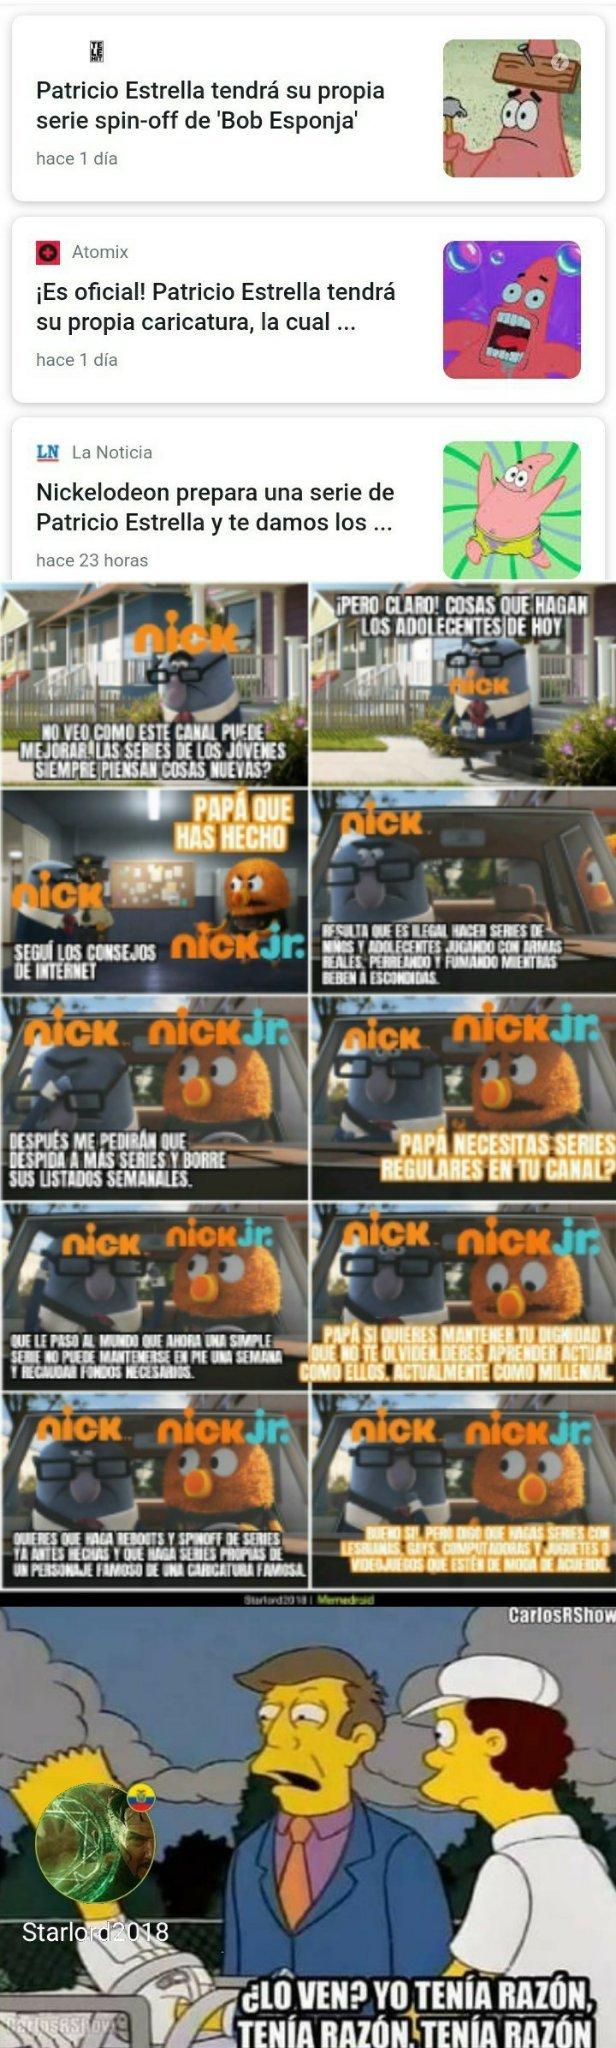 NICK, siempre buscando la manera de ganar dinero y que no lo olviden - meme